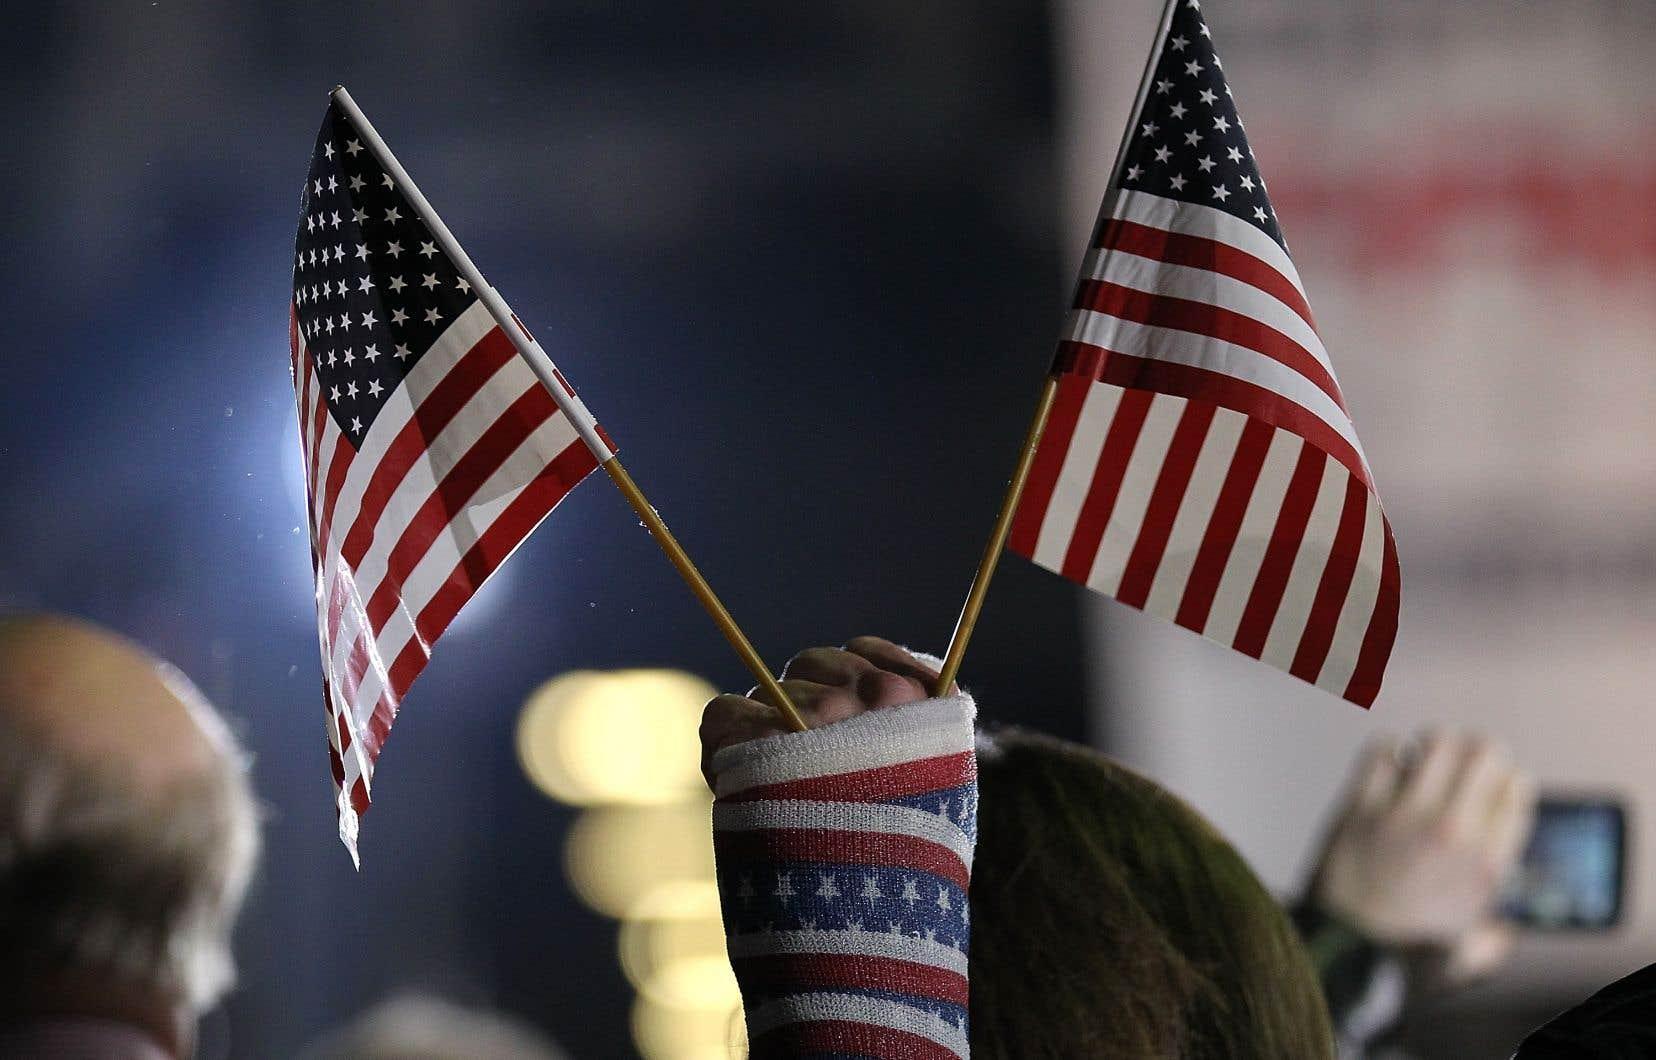 La porte-parole du président américain a annoncé vendredi que l'assemblée prévue à Portsmouth dans le New Hampshire était reportée «d'une semaine ou deux», officiellement en raison de la menace posée par la tempête tropicale «Fay<i>»</i>.